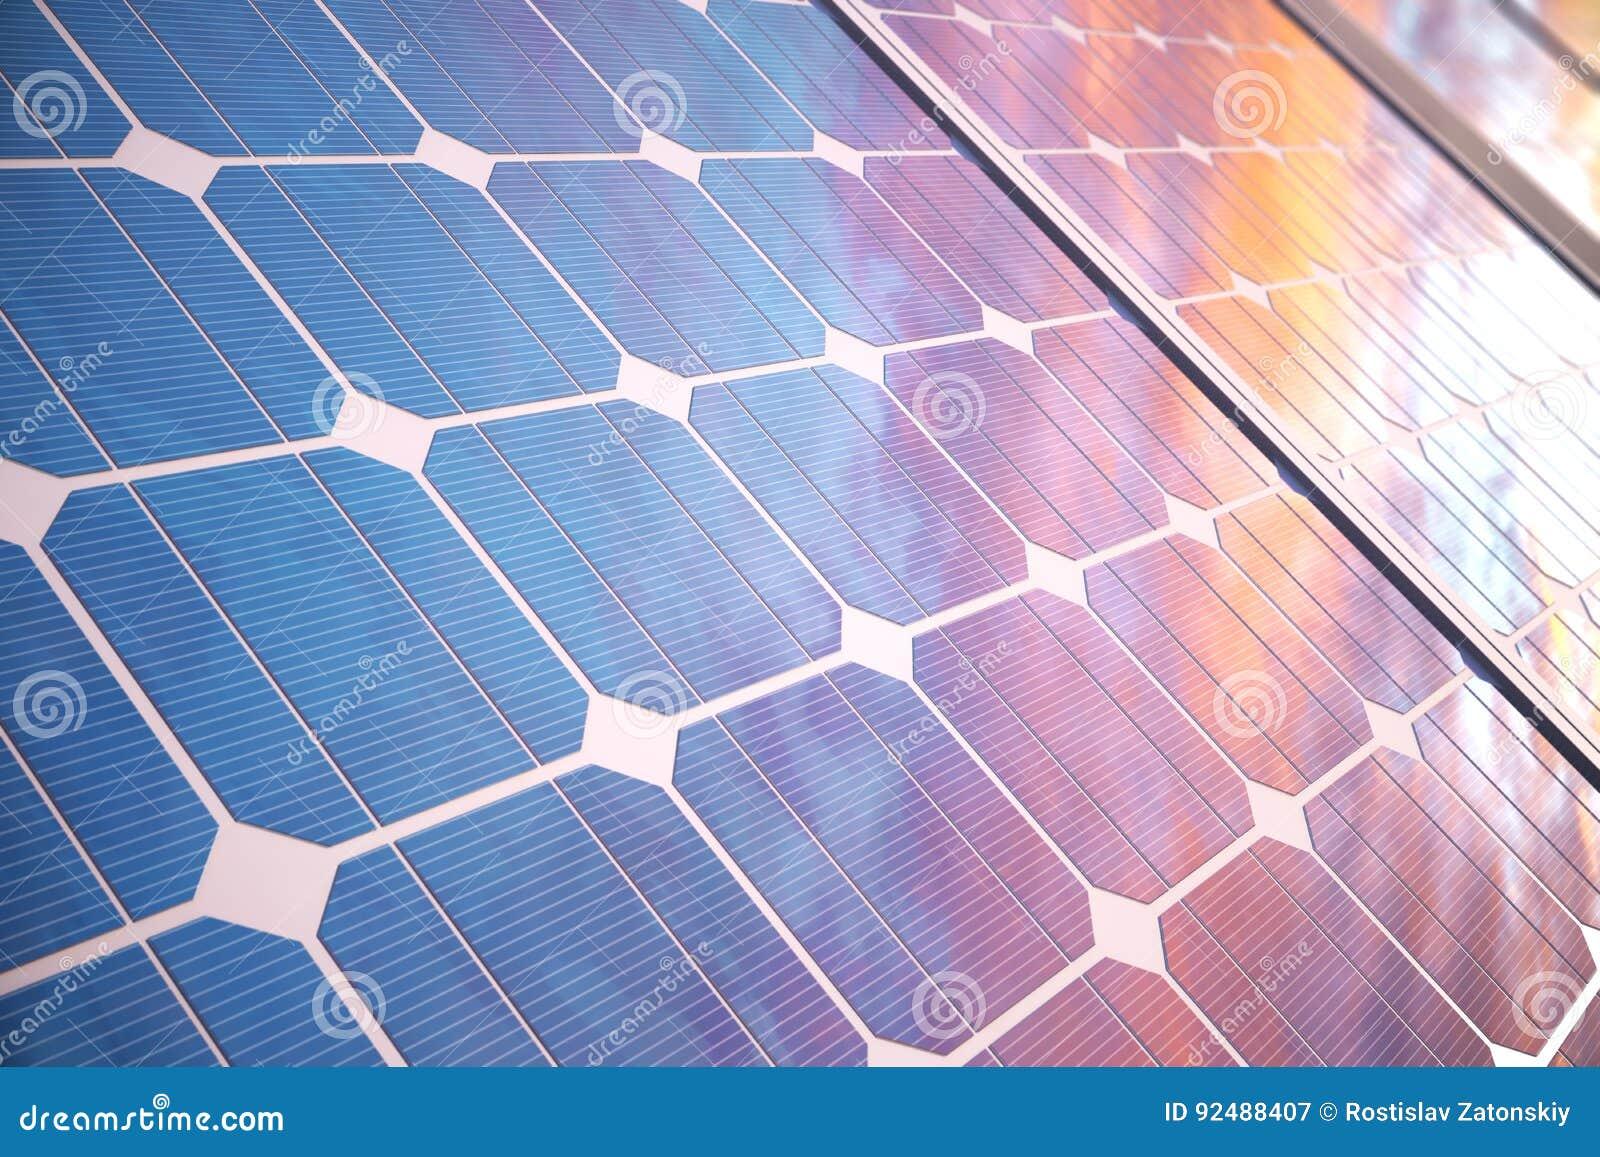 Solarenergie-Generationstechnologie der Illustration 3D Alternative Energie Solarbatteriefeldmodule mit szenischem Sonnenuntergan